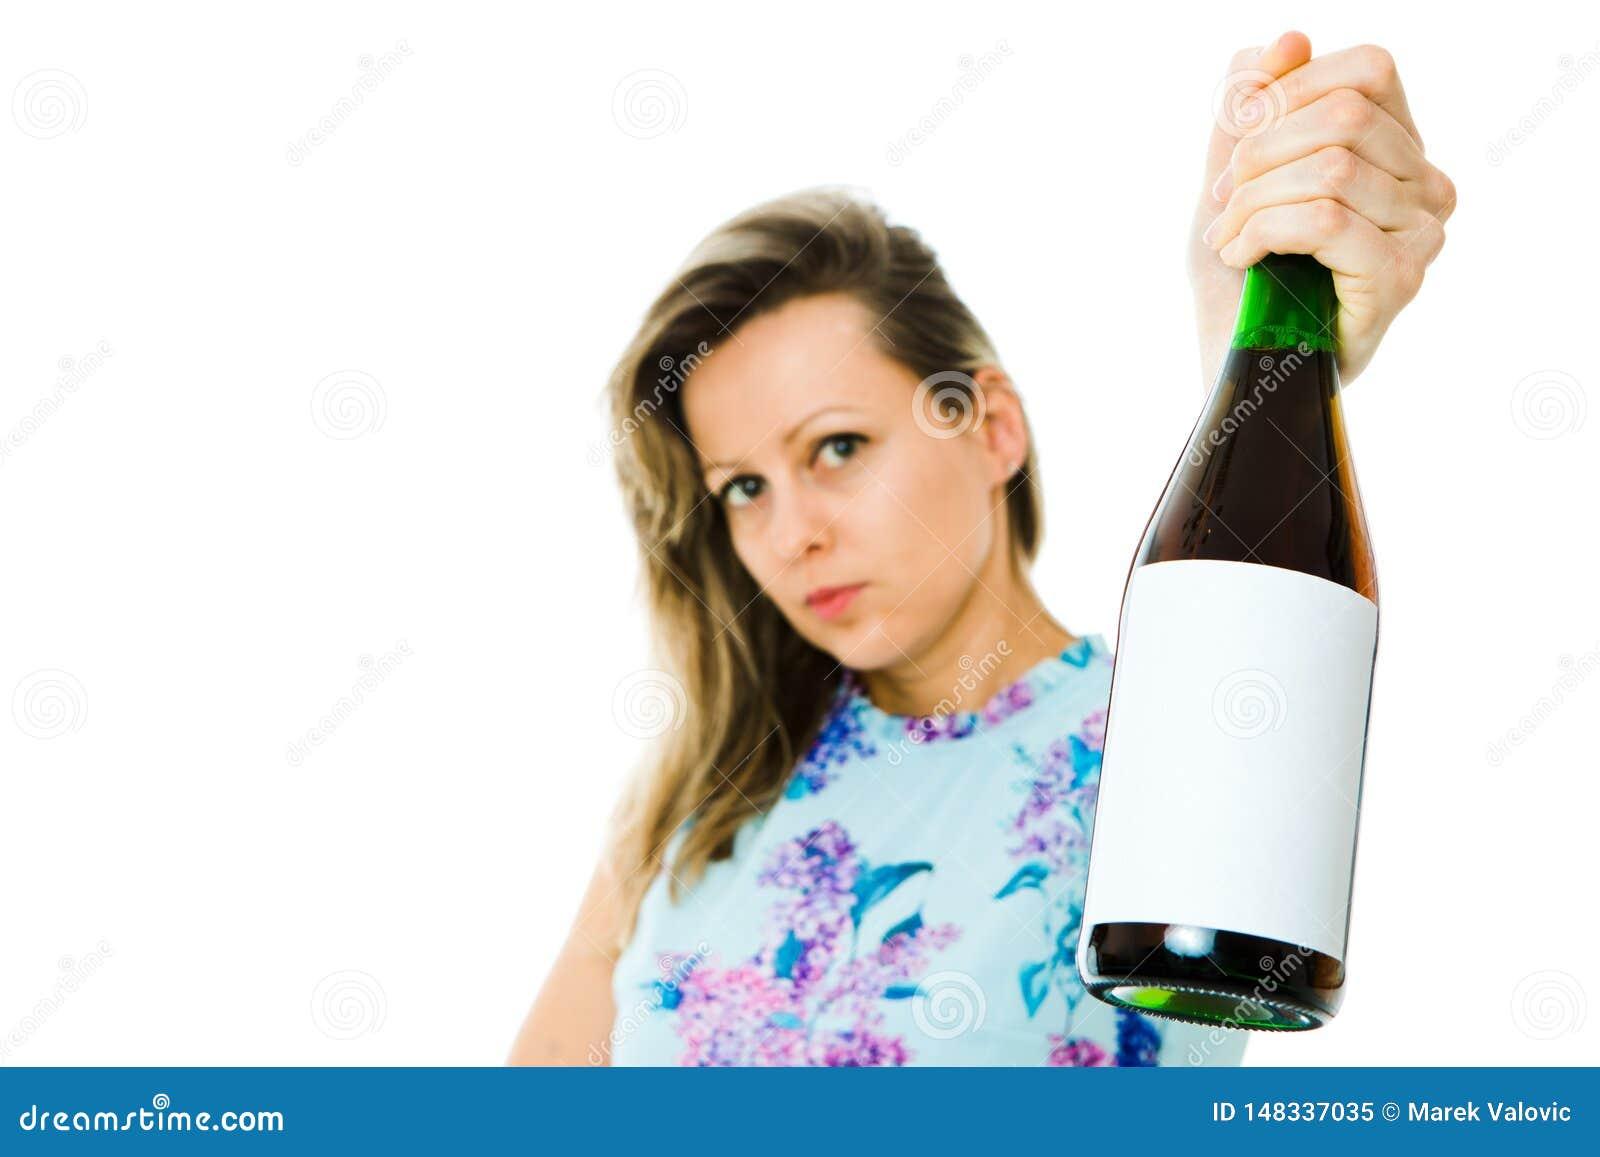 Una mujer en botella florecida de la tenencia del vestido de vino espumoso rojo - etiqueta en blanco